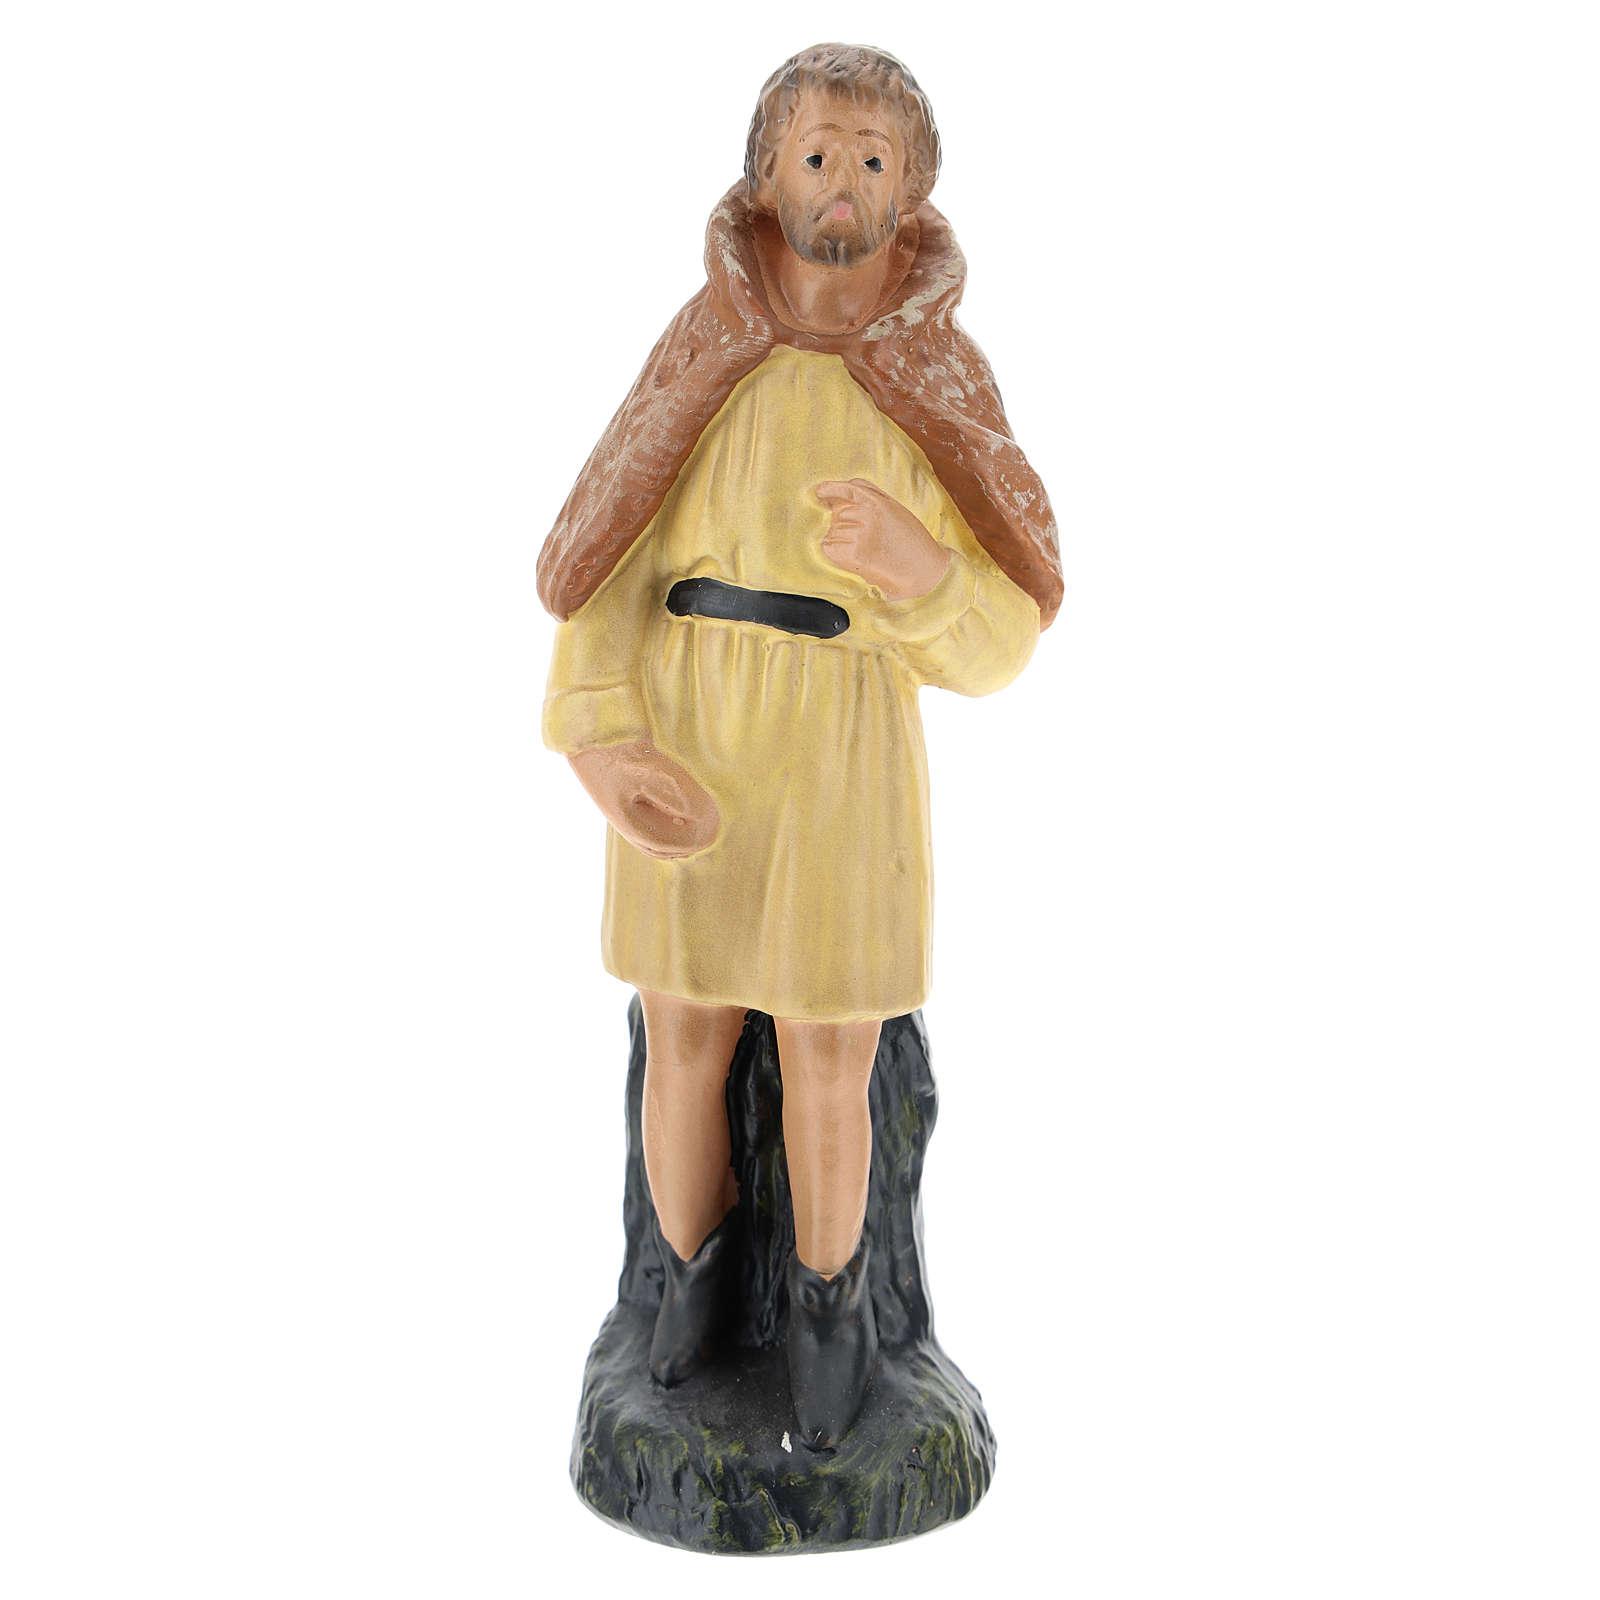 Estatua pastor vestido amarillo de yeso belén Arte Barsanti de 15 cm 4